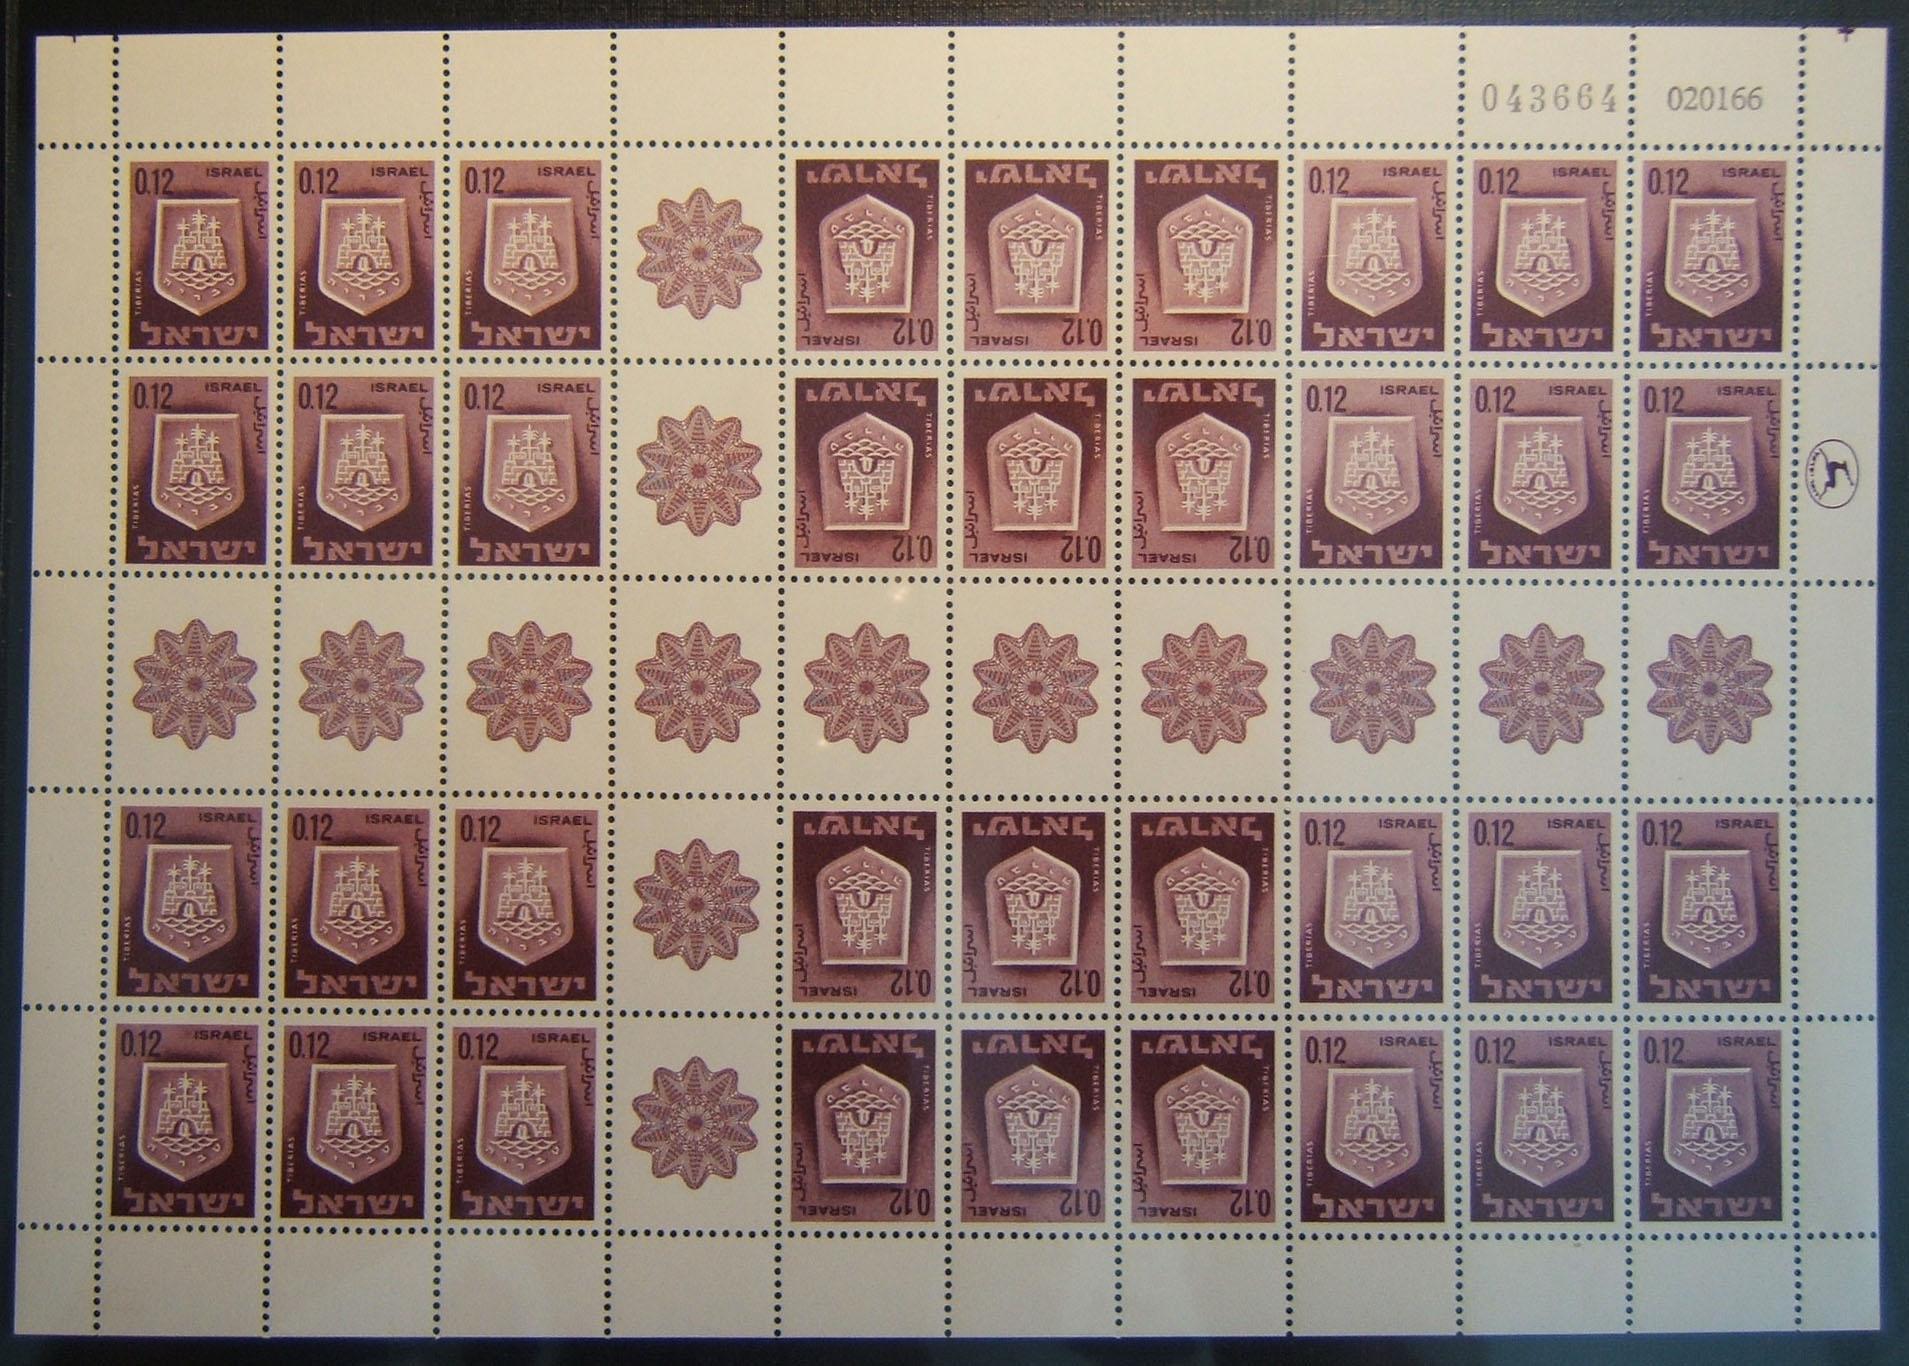 1965/67 1. Stadt Embleme 0,12£ tete beche Blatt (Ba Irs.22), postfrisch